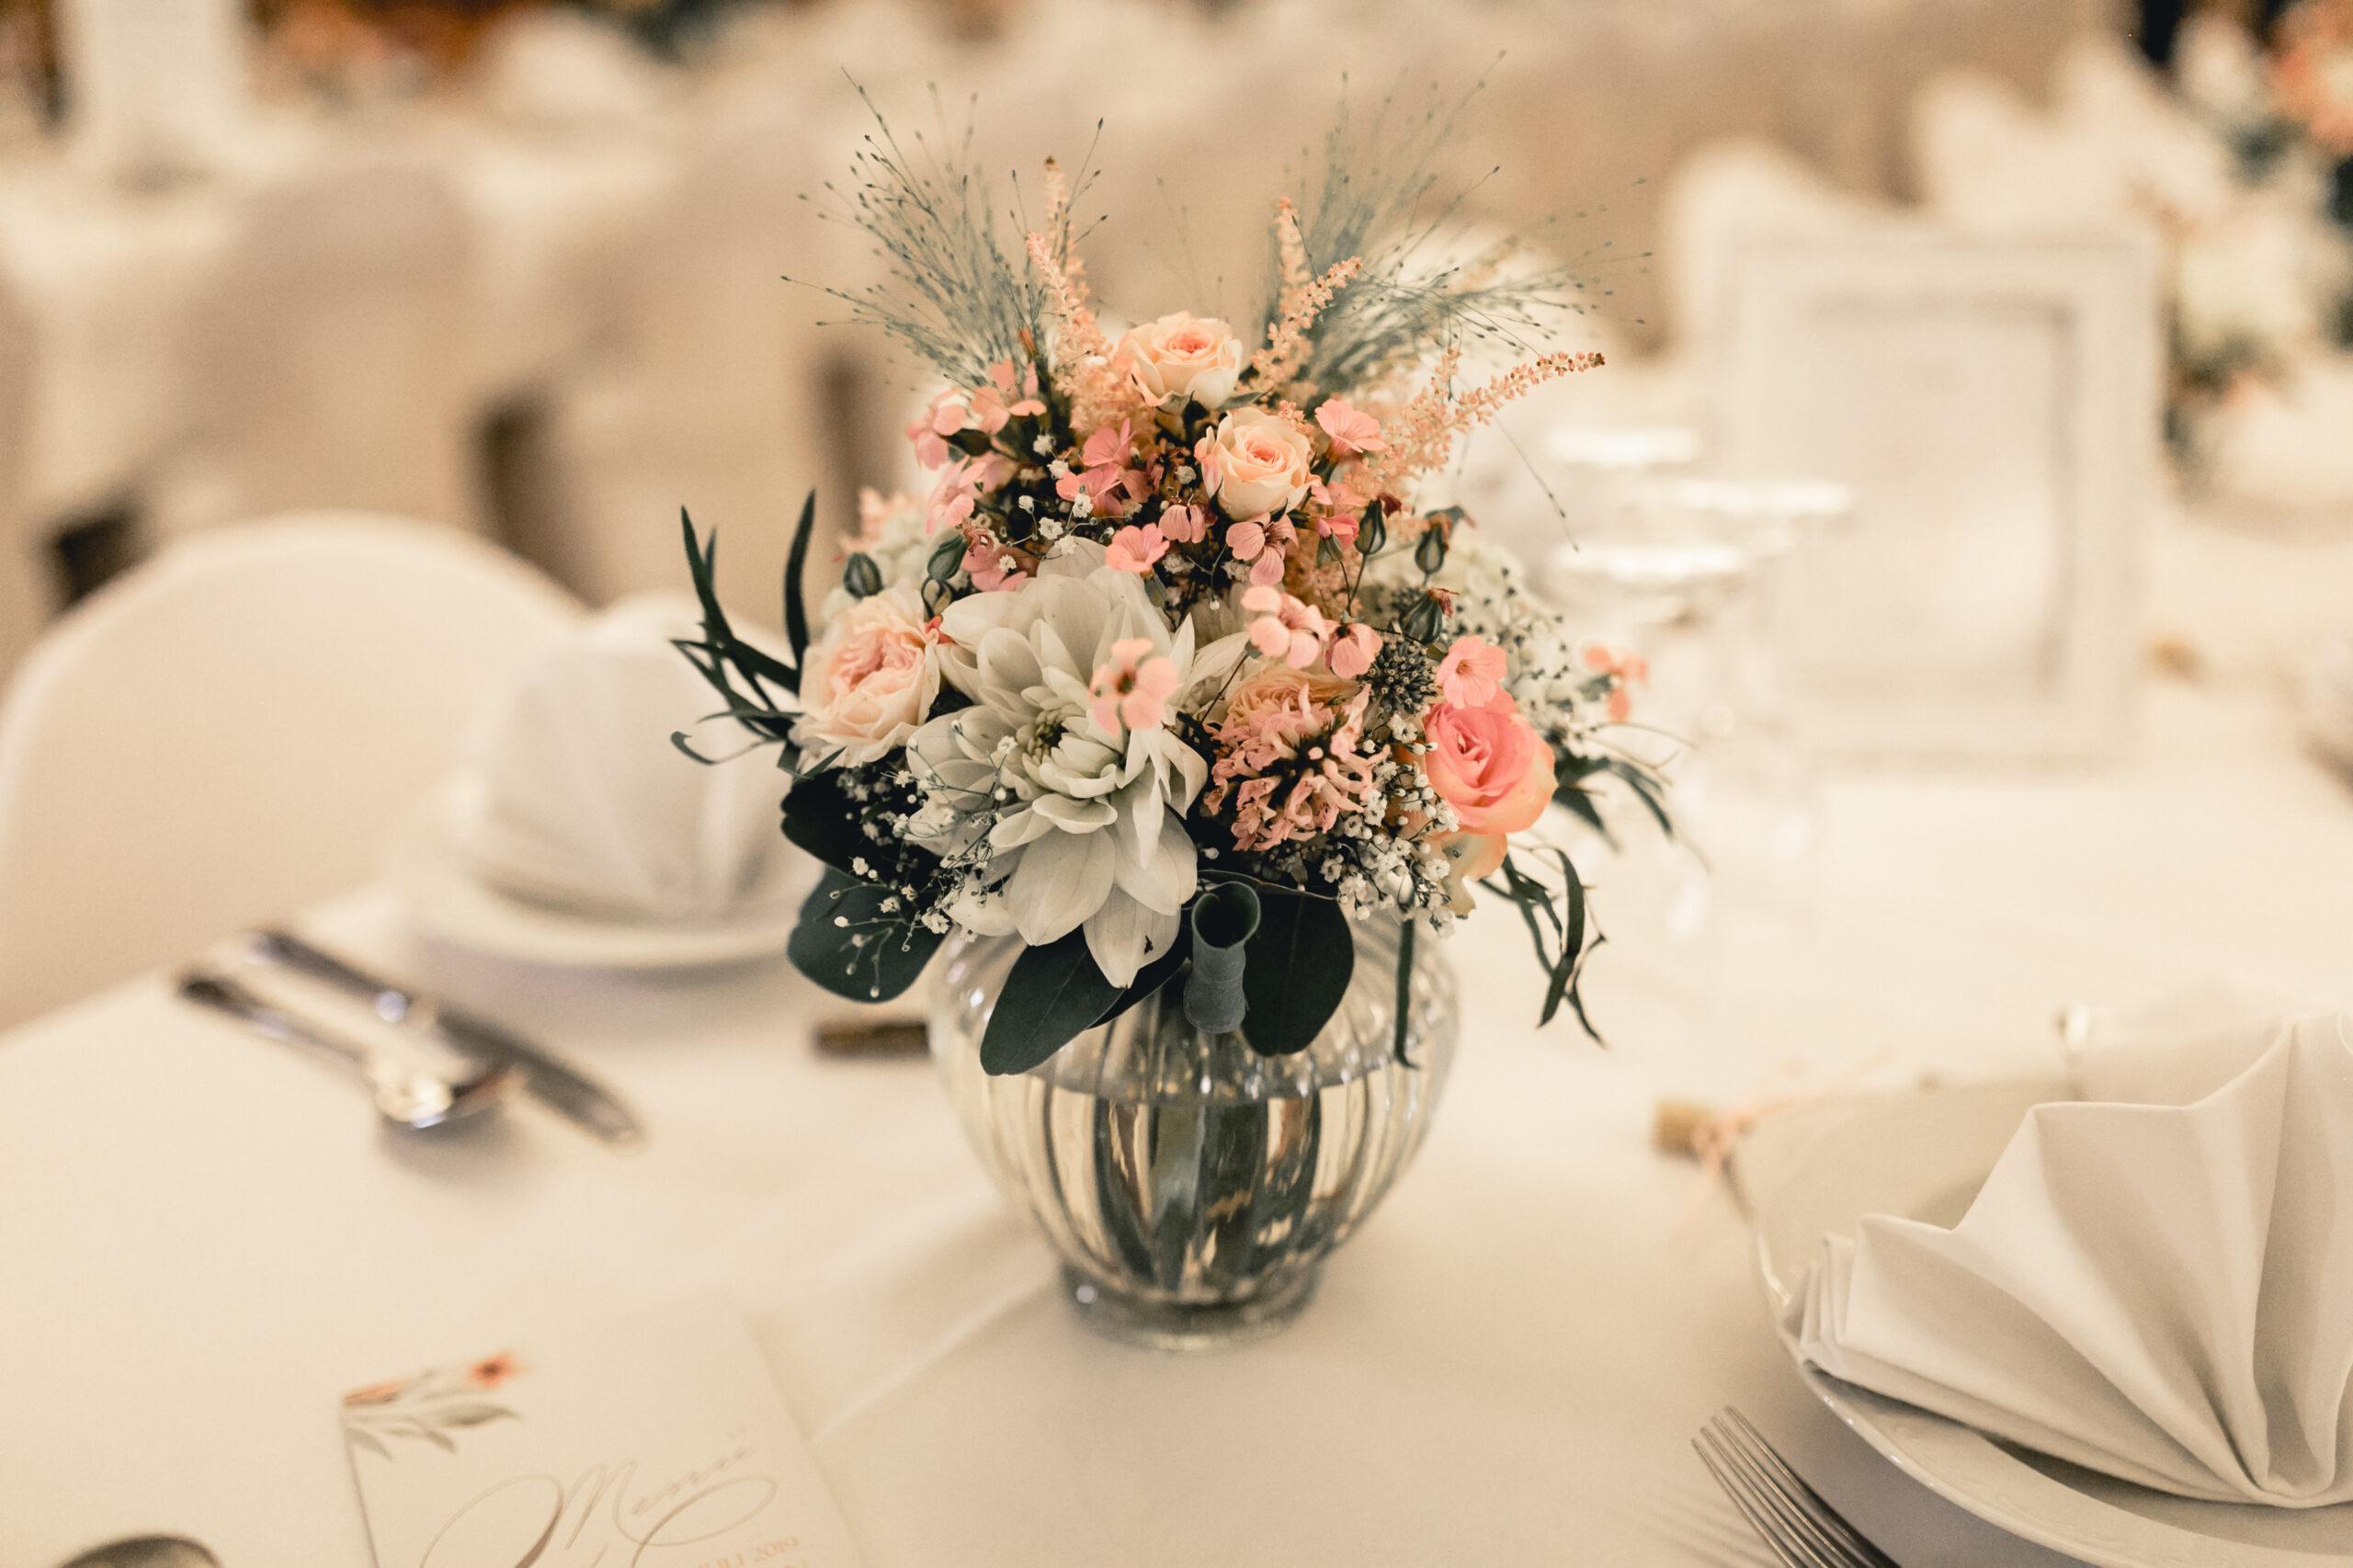 HeimArt Design Tischdekoration Vintage Hochzeit Blumenstrauße Vintagegläser Papeterie Kirschblüten